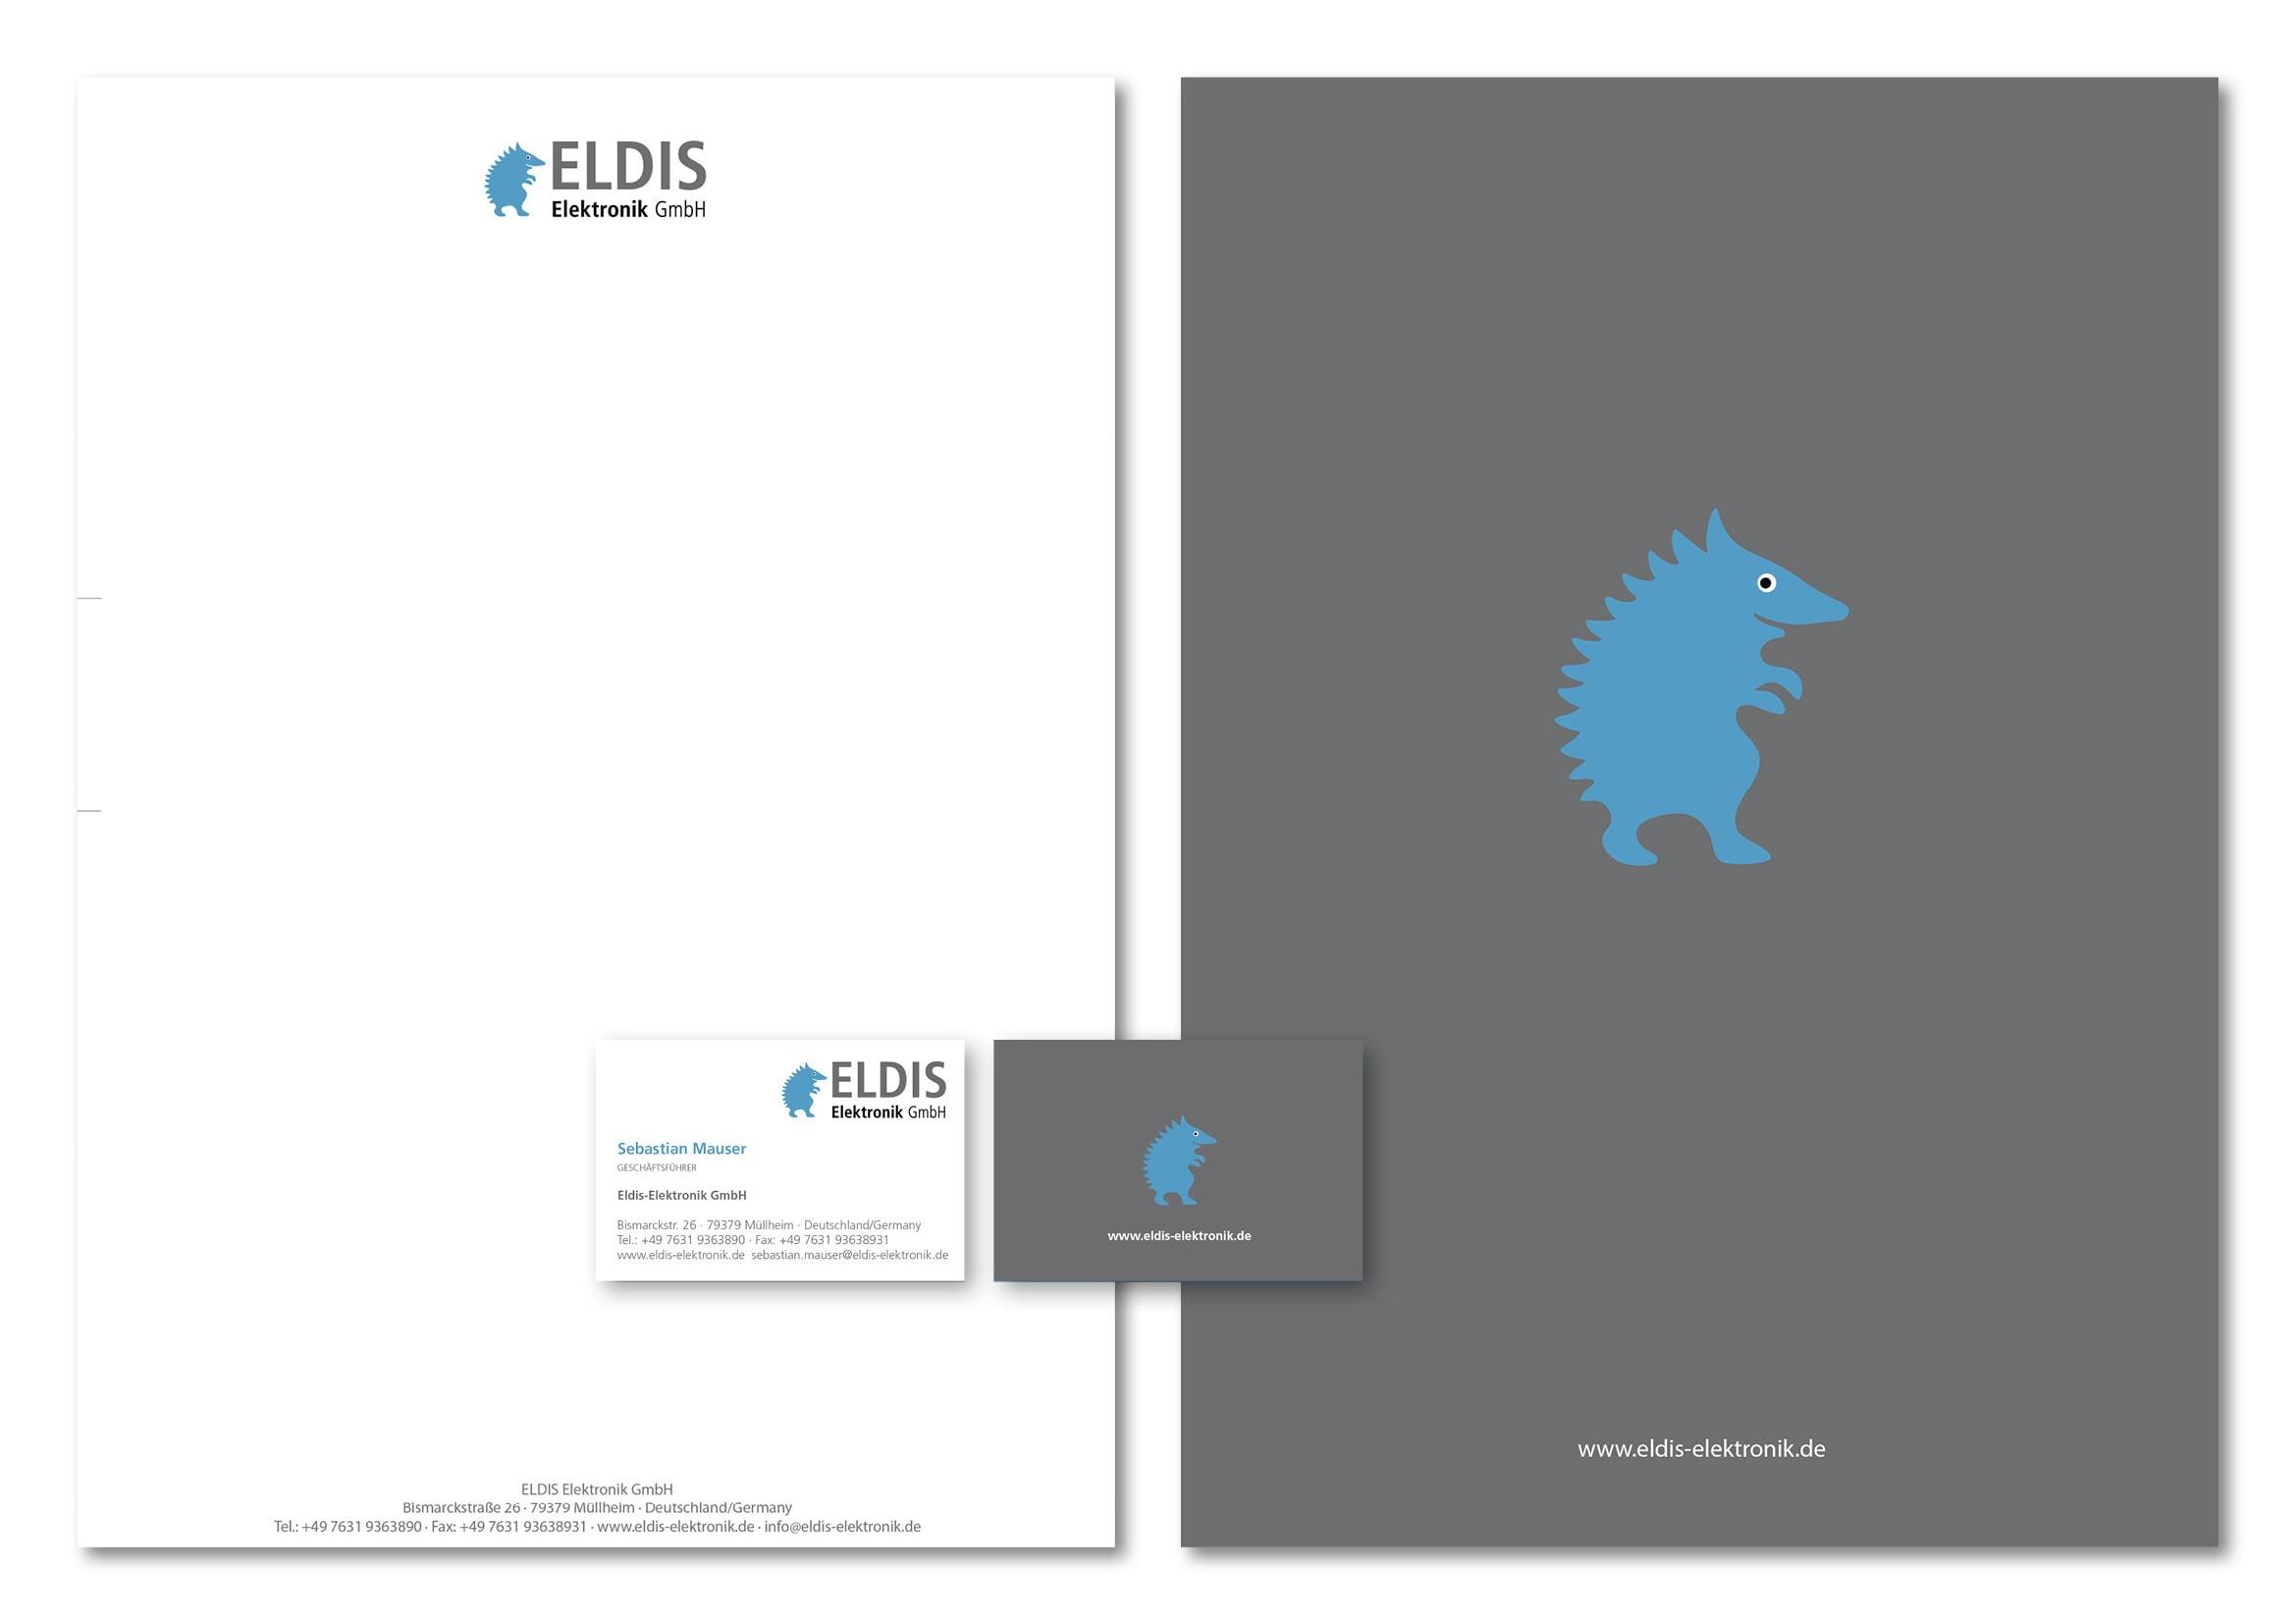 Corporate Design Entwicklung für Eldis Elektronik GmbH, einem Distributor von elektronischen Bauteilen durch Grafik-Designer Ronald Wissler